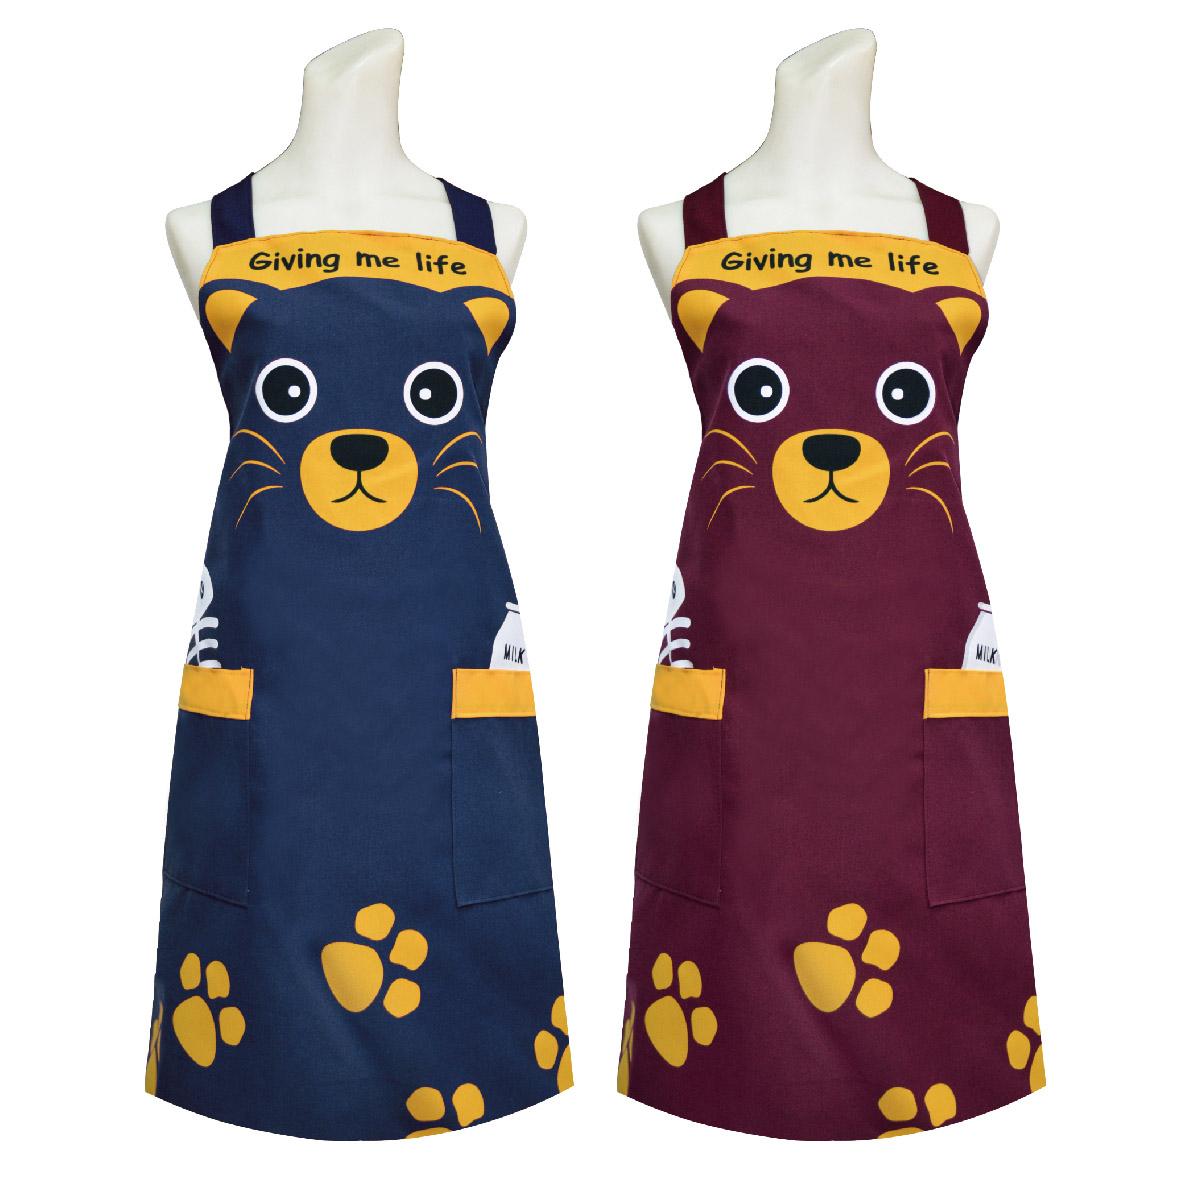 可爱猫头围裙 TT520餐饮业 保母 幼儿园 厨房 咖啡店 活动制服围裙